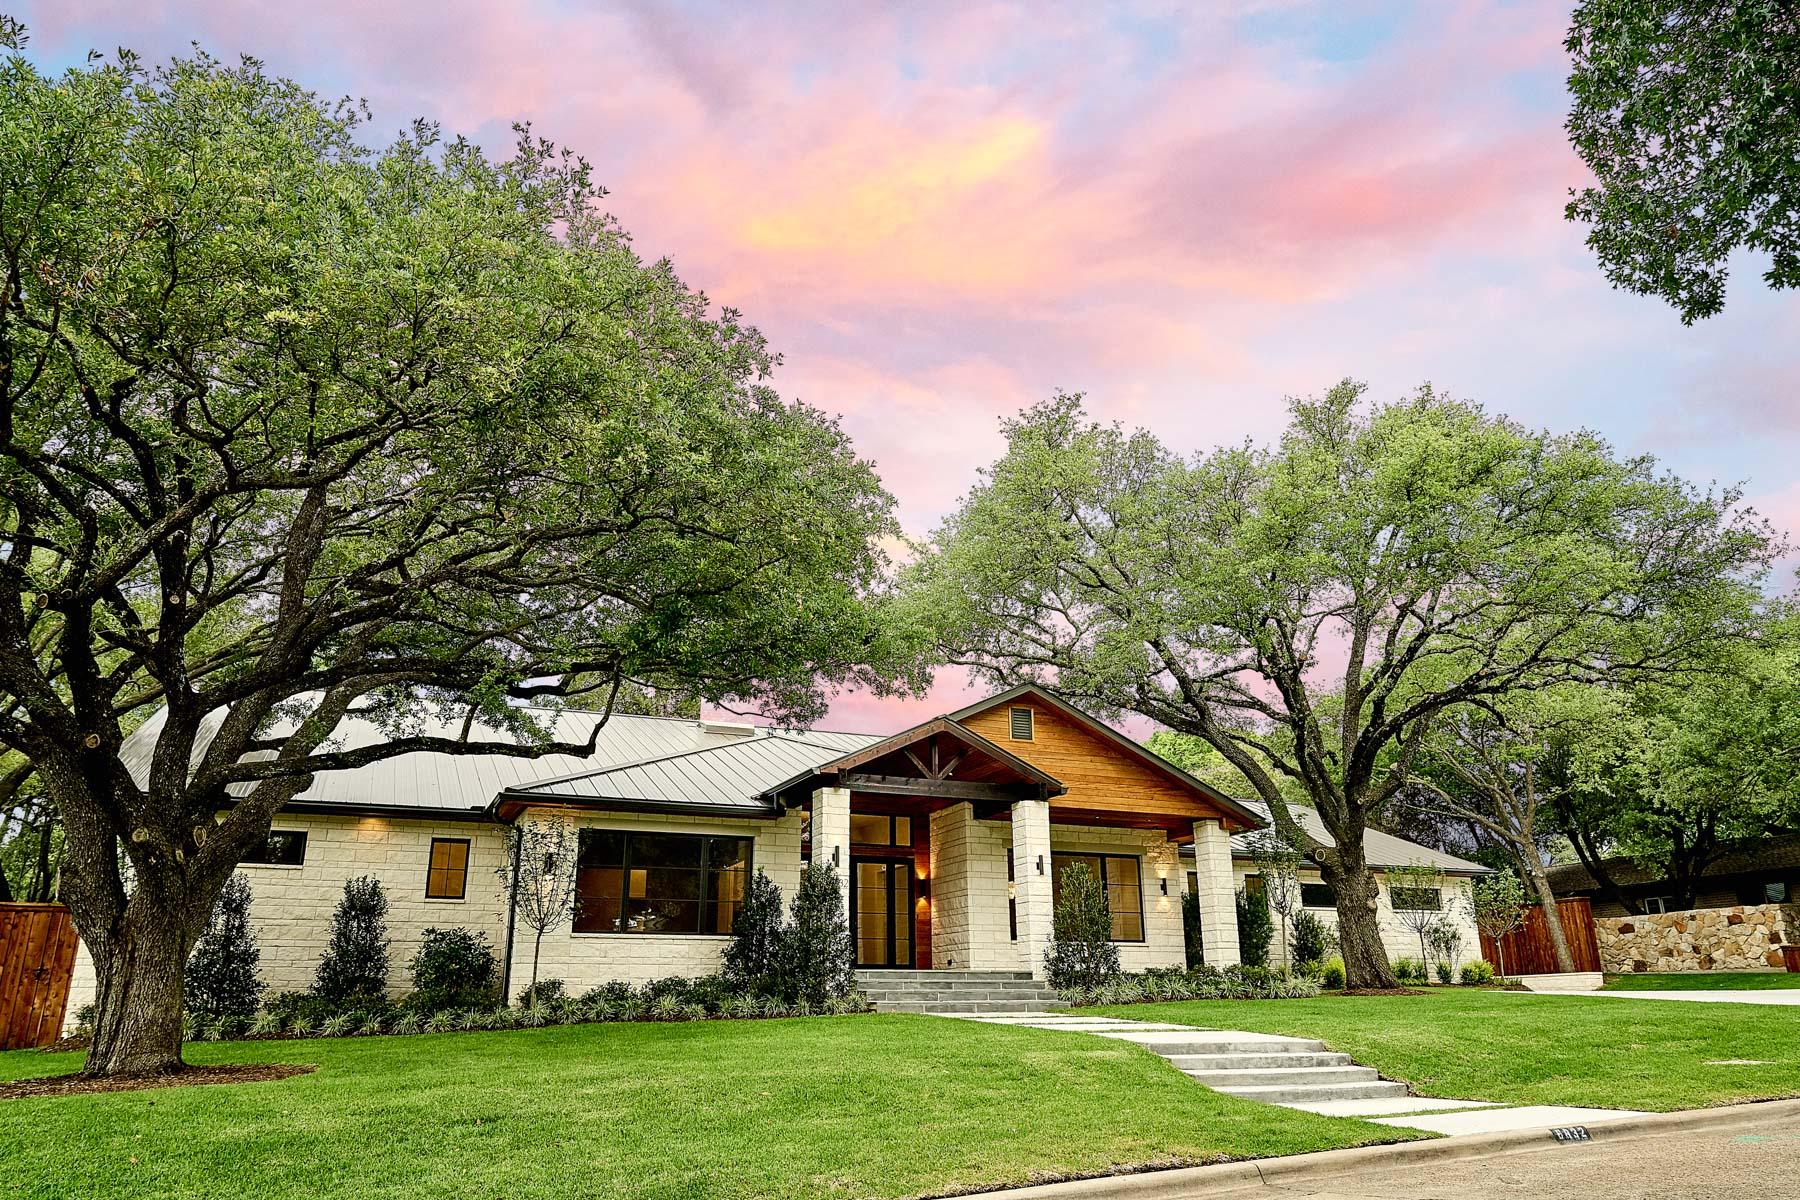 独户住宅 为 销售 在 Lakewood Modern 6832 Westlake Ave 达拉斯, 得克萨斯州, 75214 美国